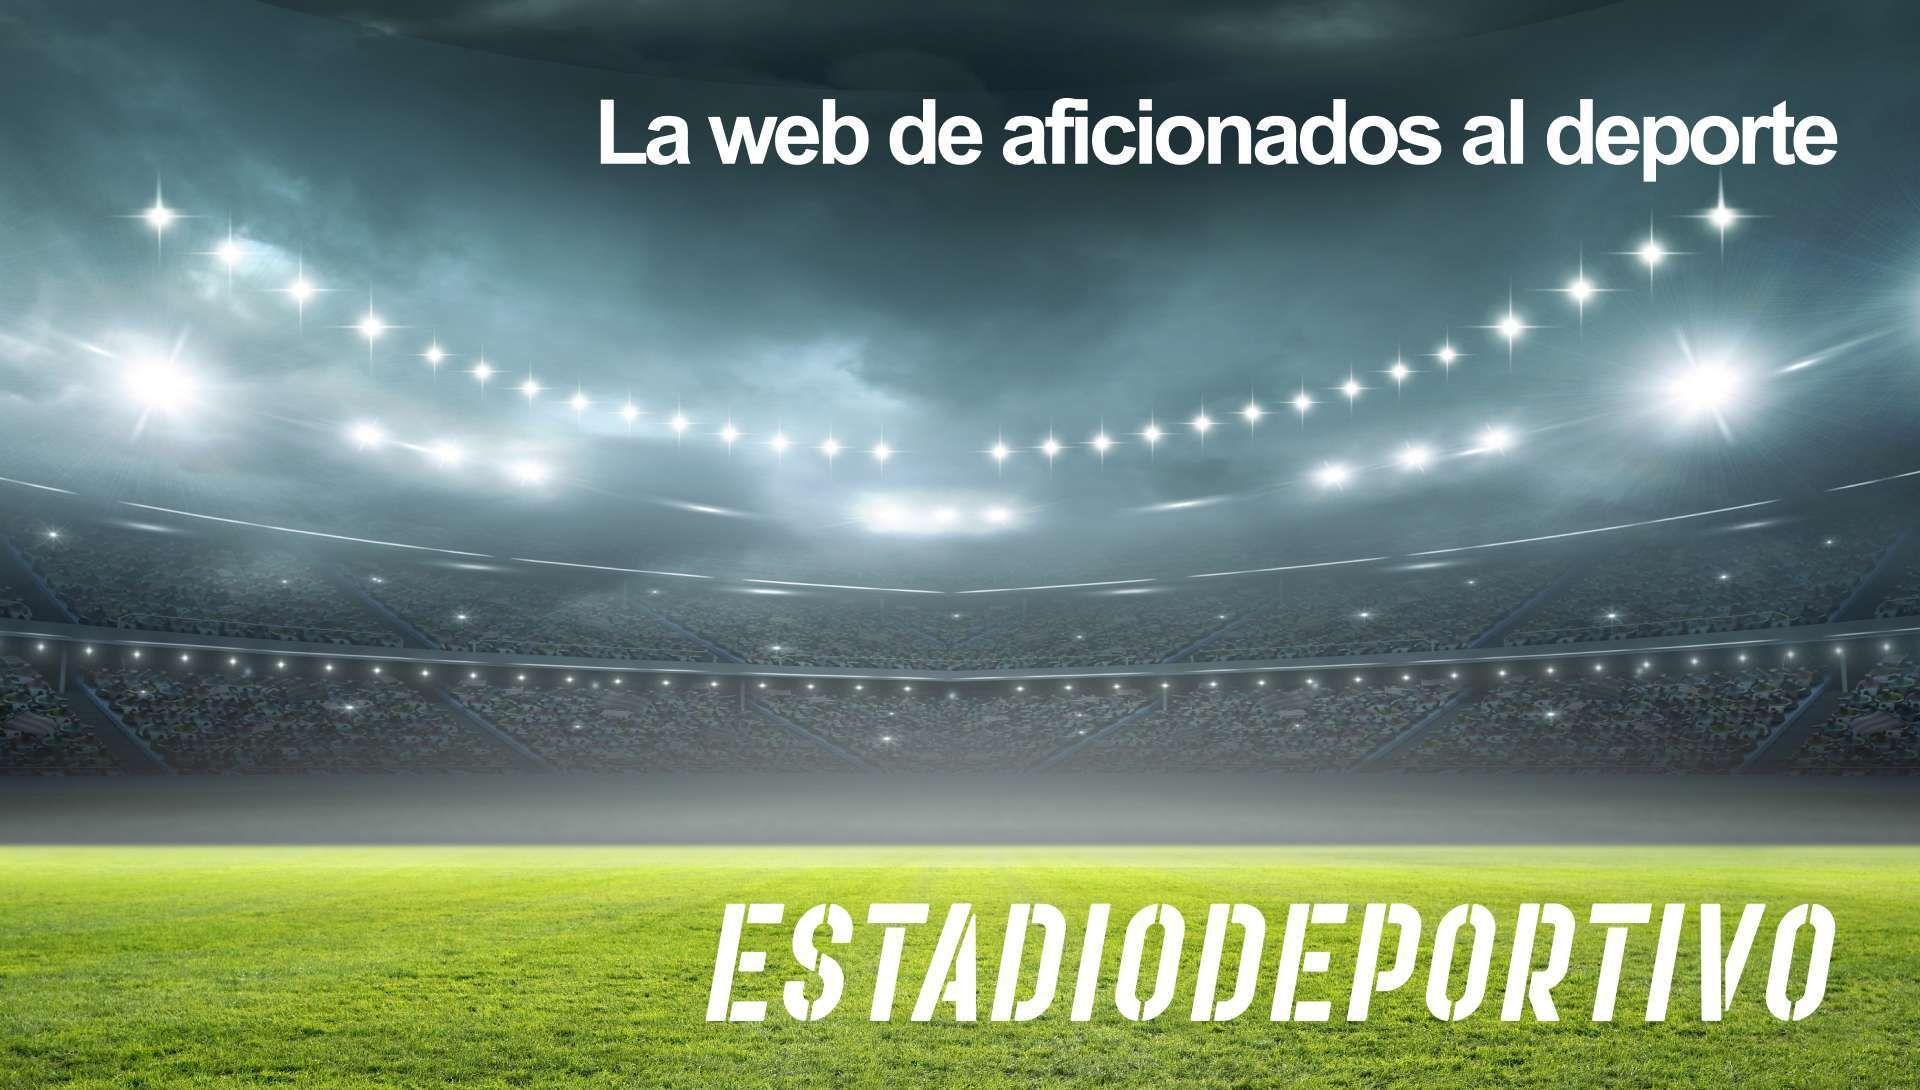 Las portadas del domingo 25 de octubre